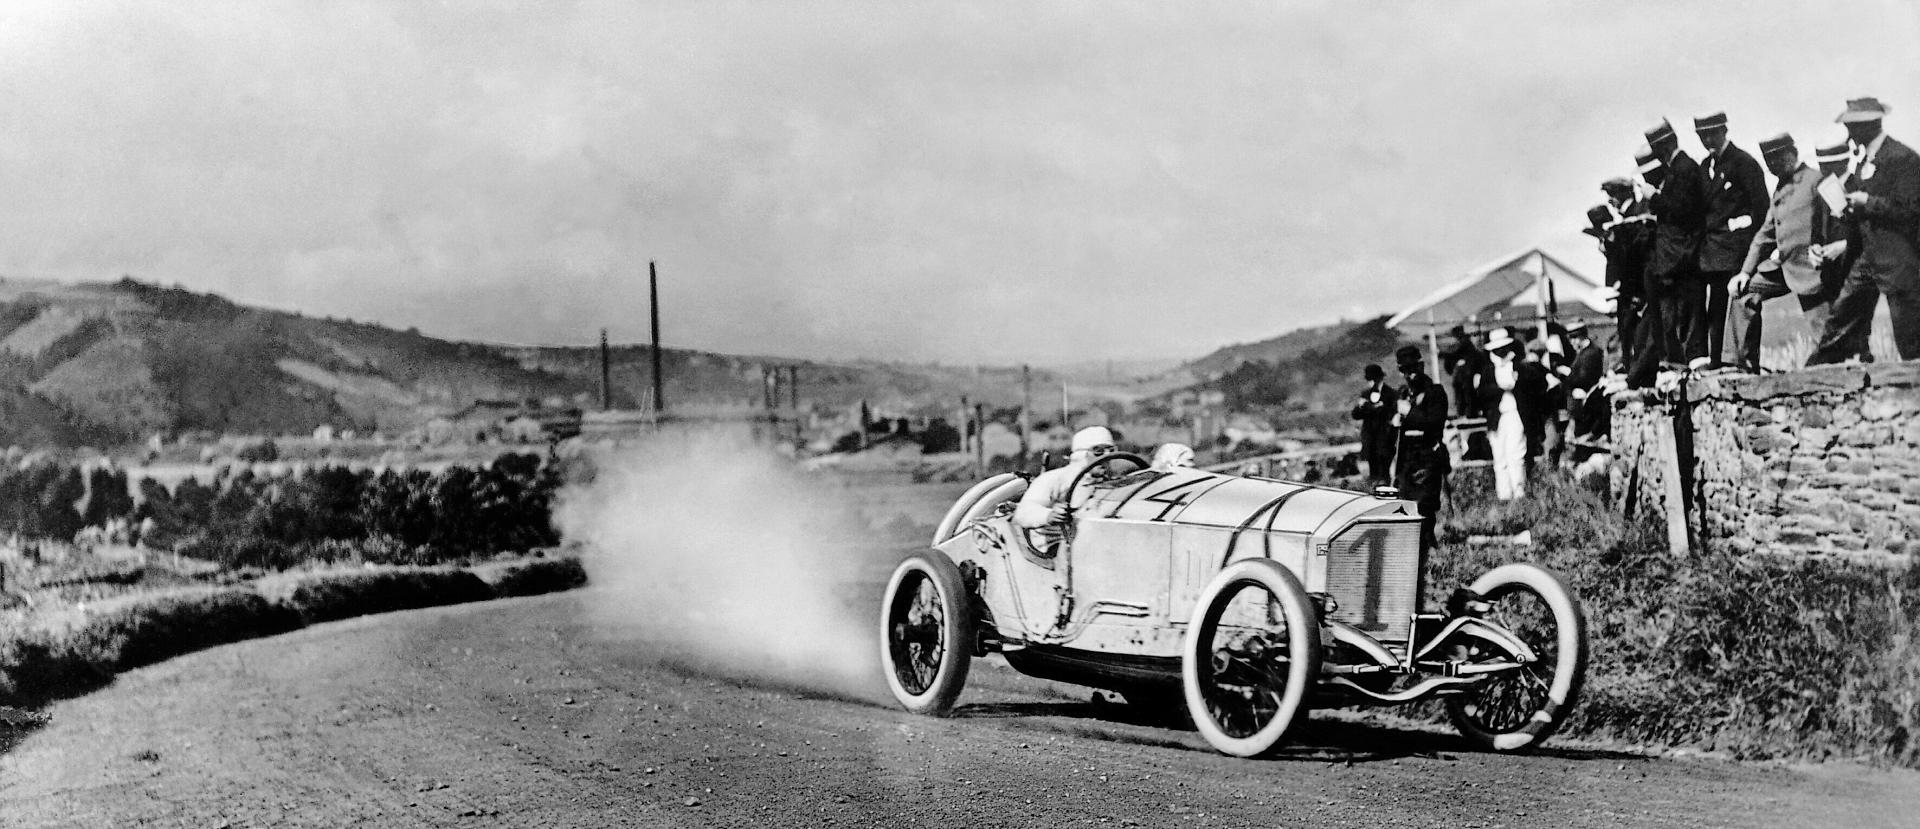 Ralph de Palma racing action